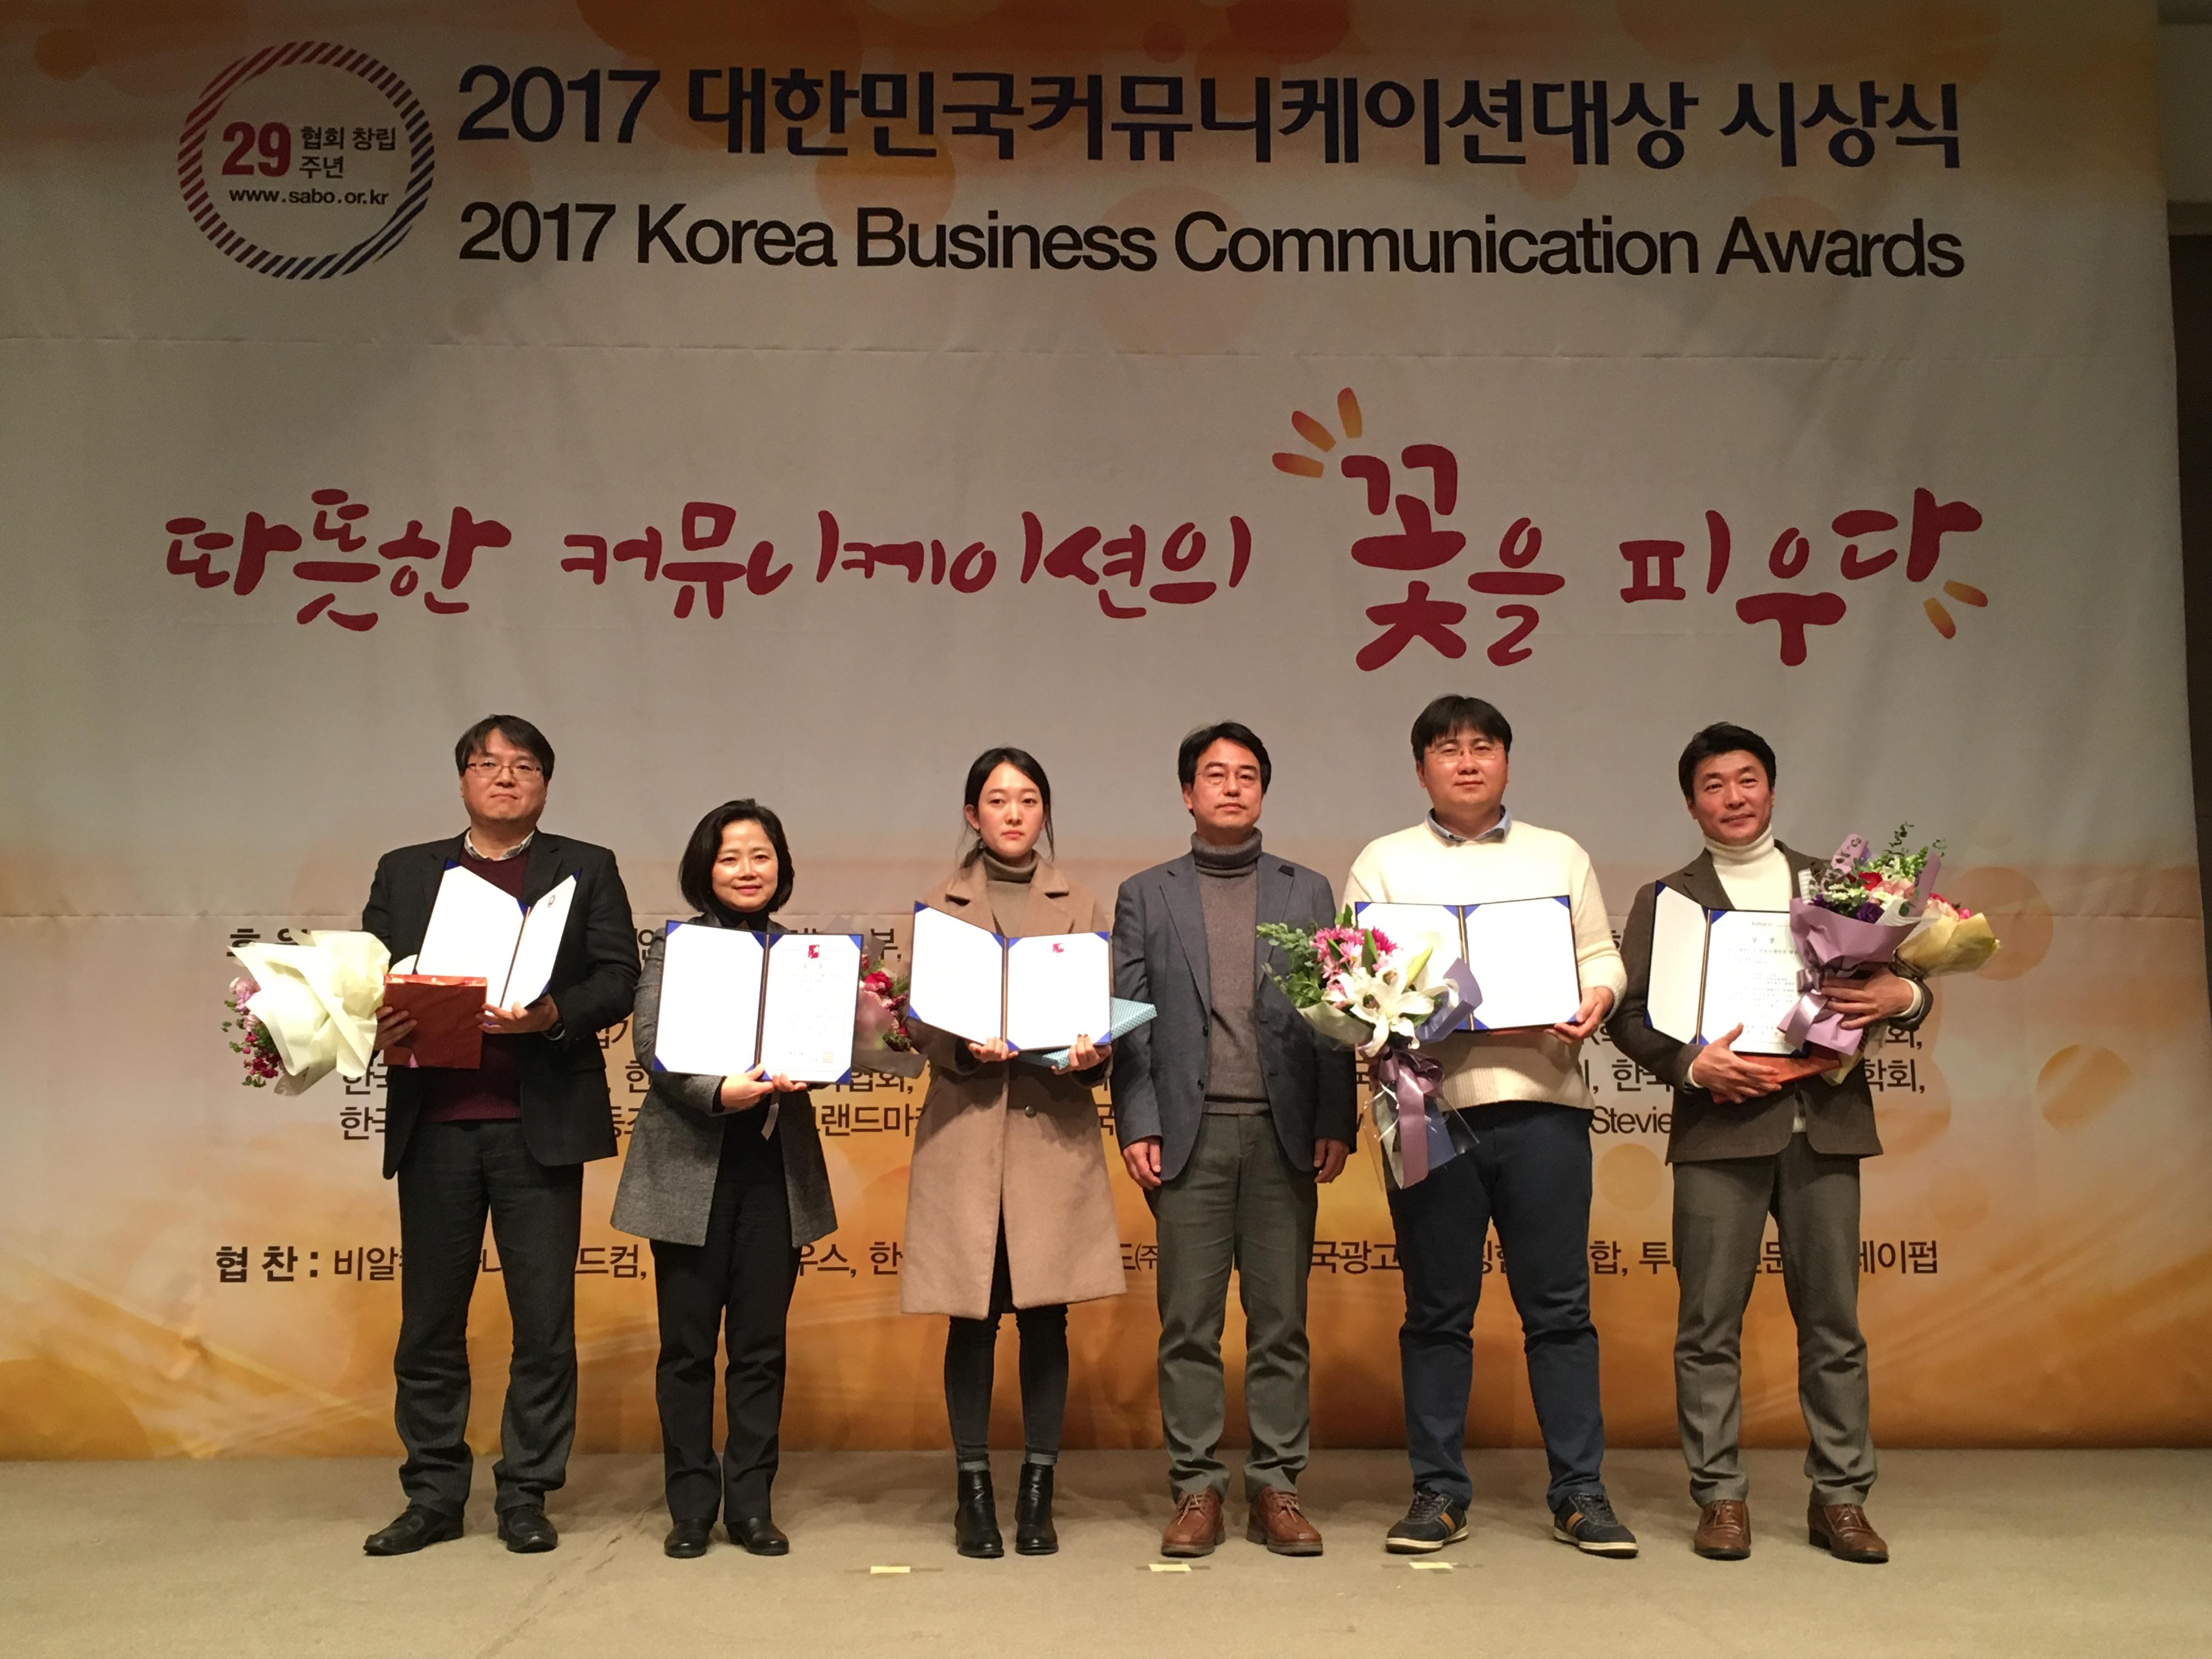 2017대한민국커뮤니케이션대상시상식.jpeg